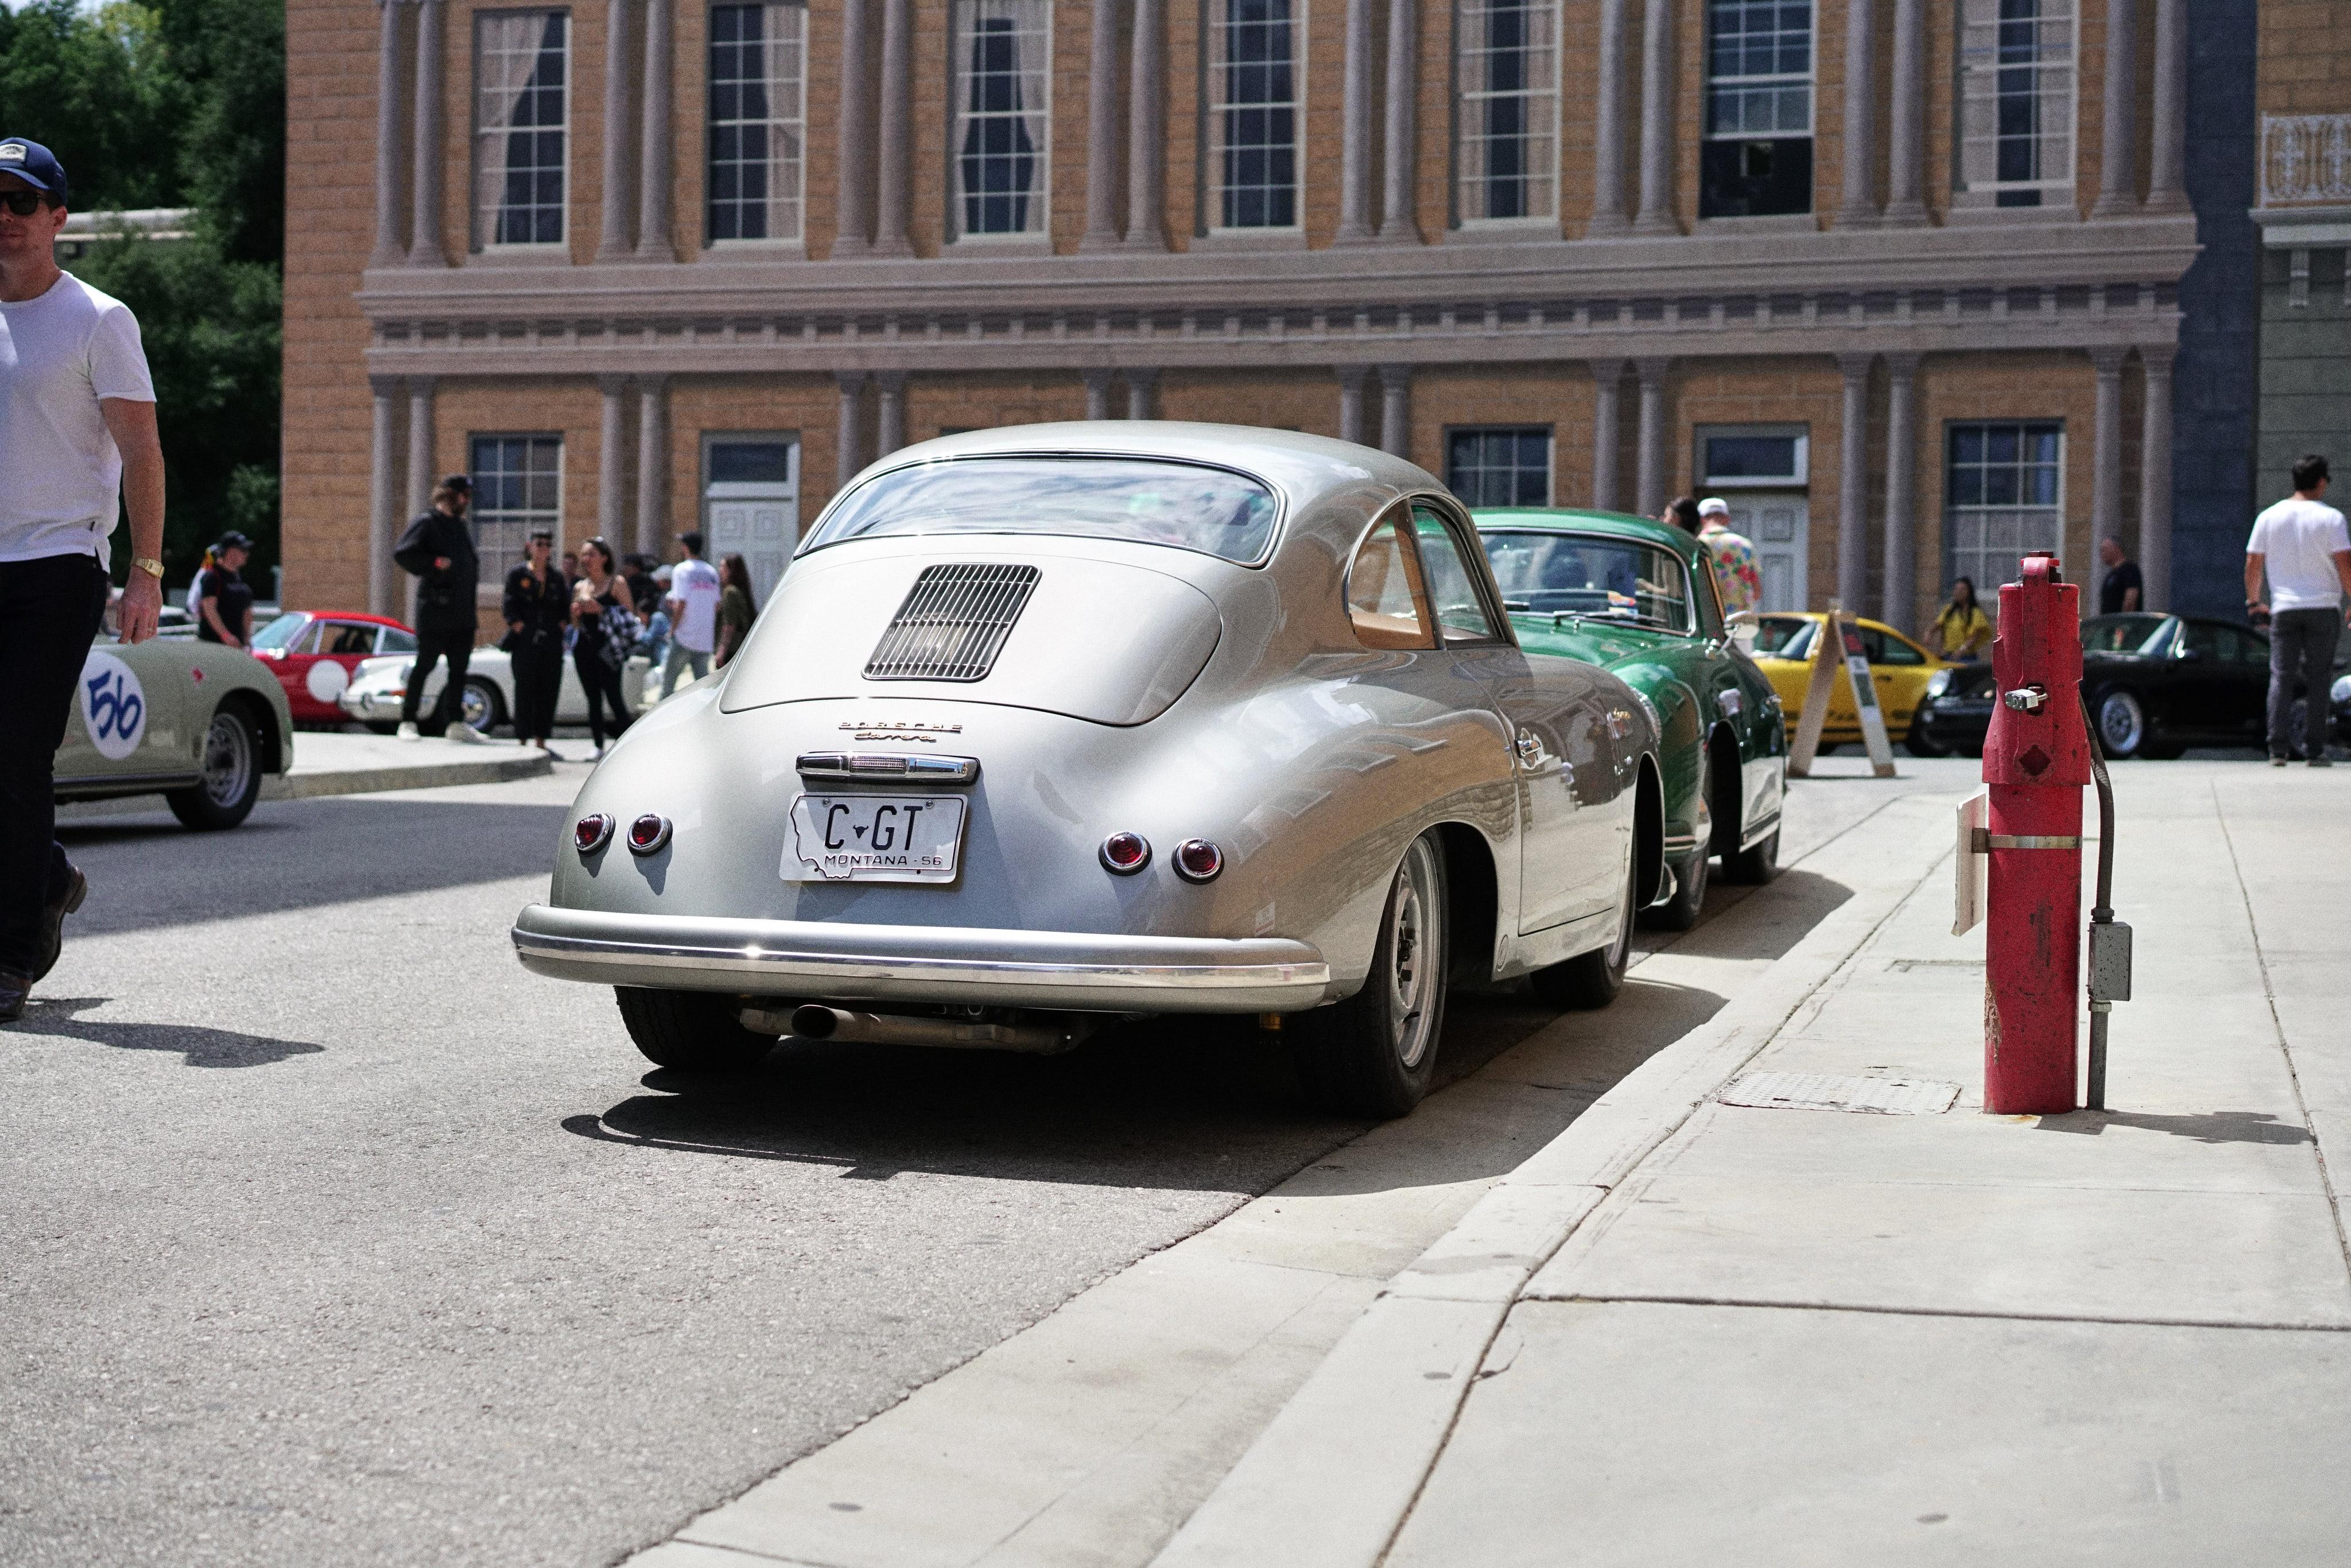 Luftgekühlt-6-Rennen-53-Porsche-356-1956-Carrera-Rear